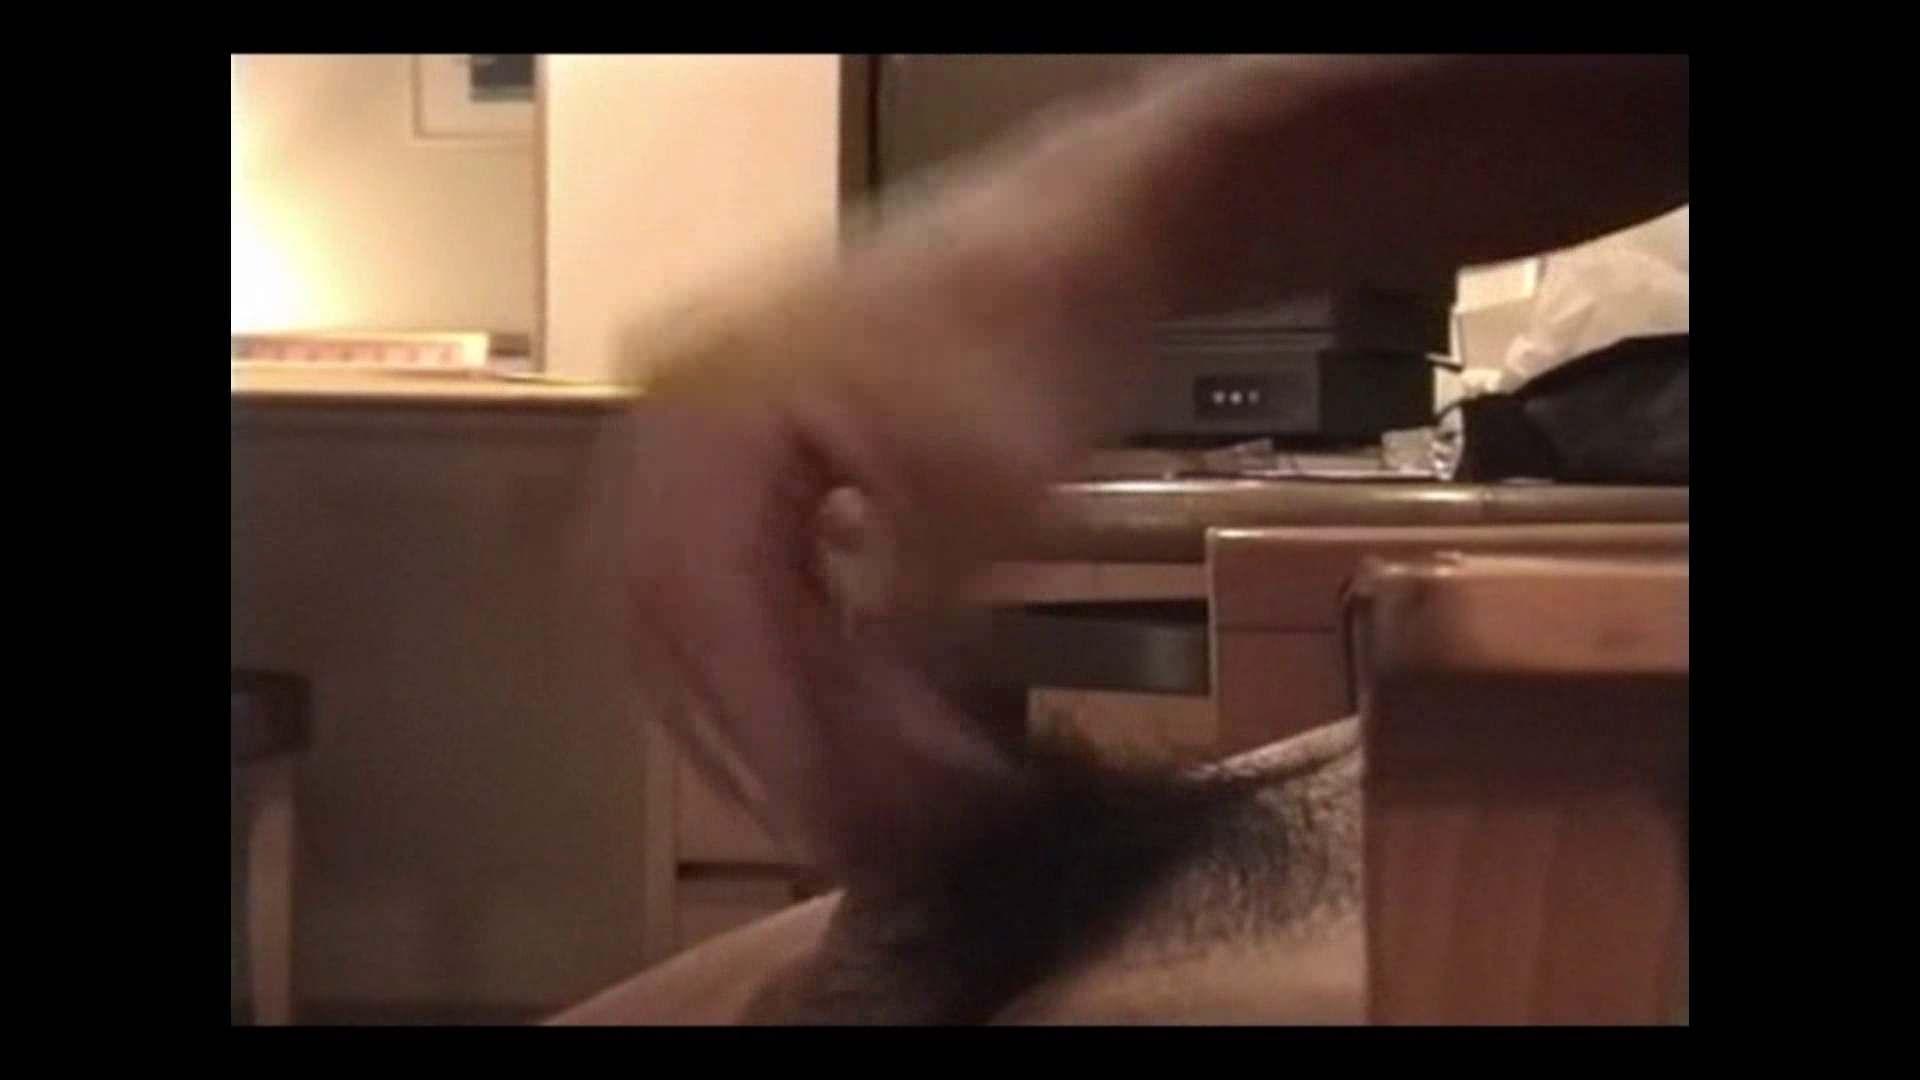 おまけ!阪神の優勝に興奮してイキ過ぎた行動をする男を口説きオナニー撮影 イケメンのゲイ達 ゲイ無料エロ画像 67枚 64